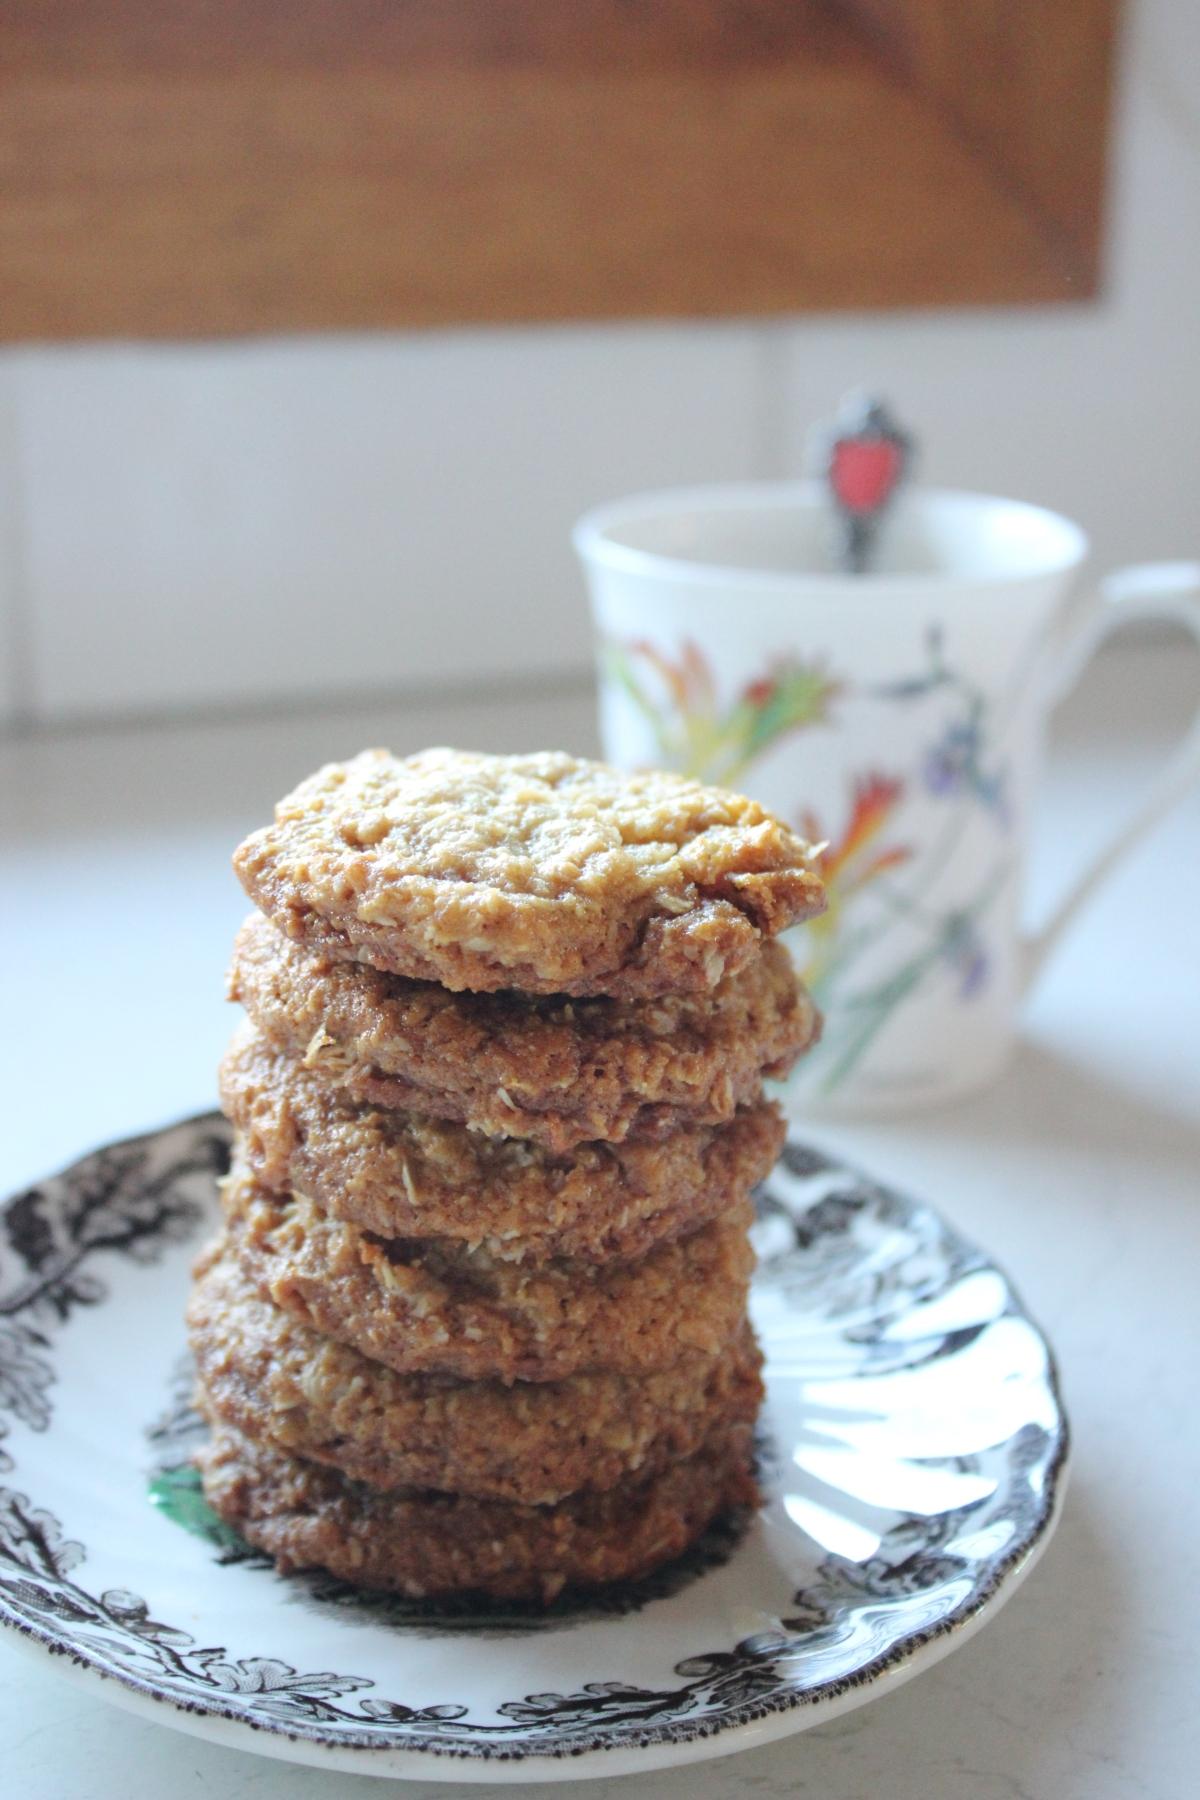 Anzac biscuits andpatriotism